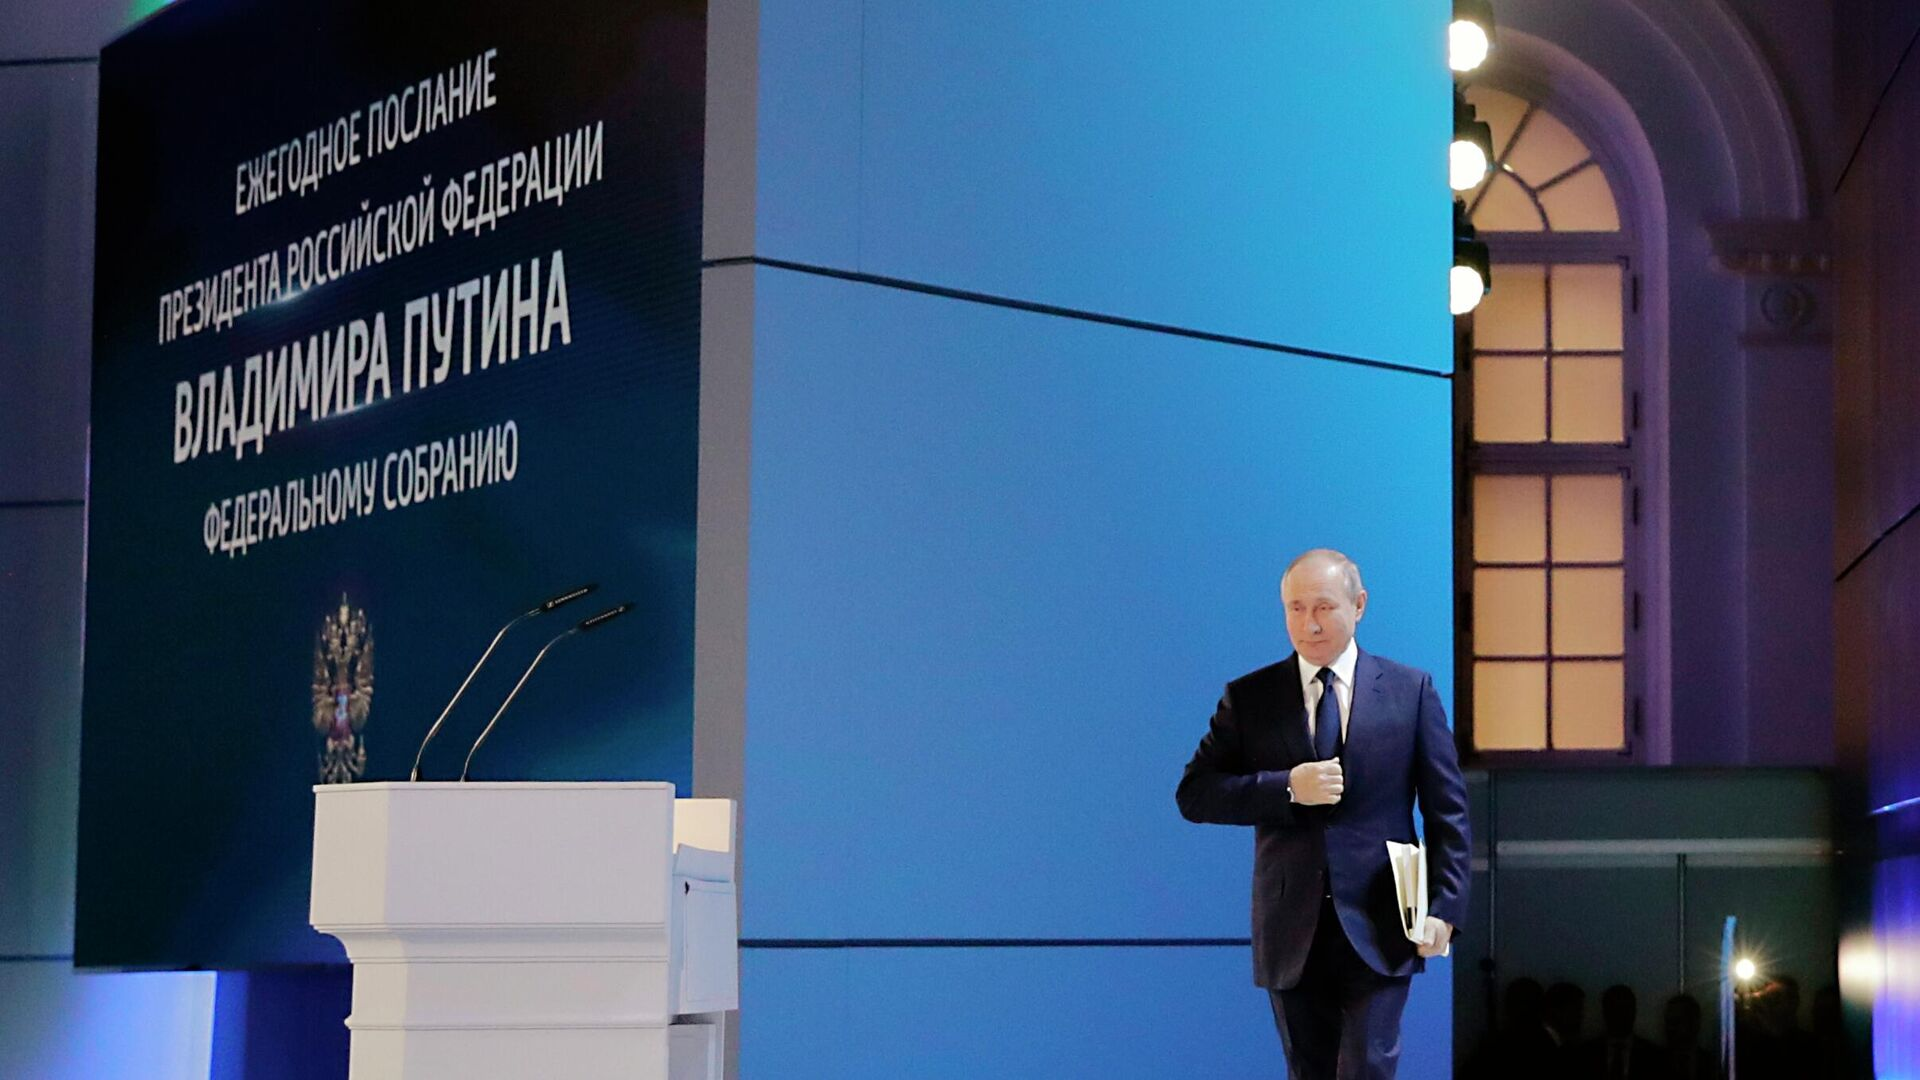 Президент РФ Владимир Путин перед выступлением с ежегодным посланием Федеральному Собранию - РИА Новости, 1920, 21.04.2021